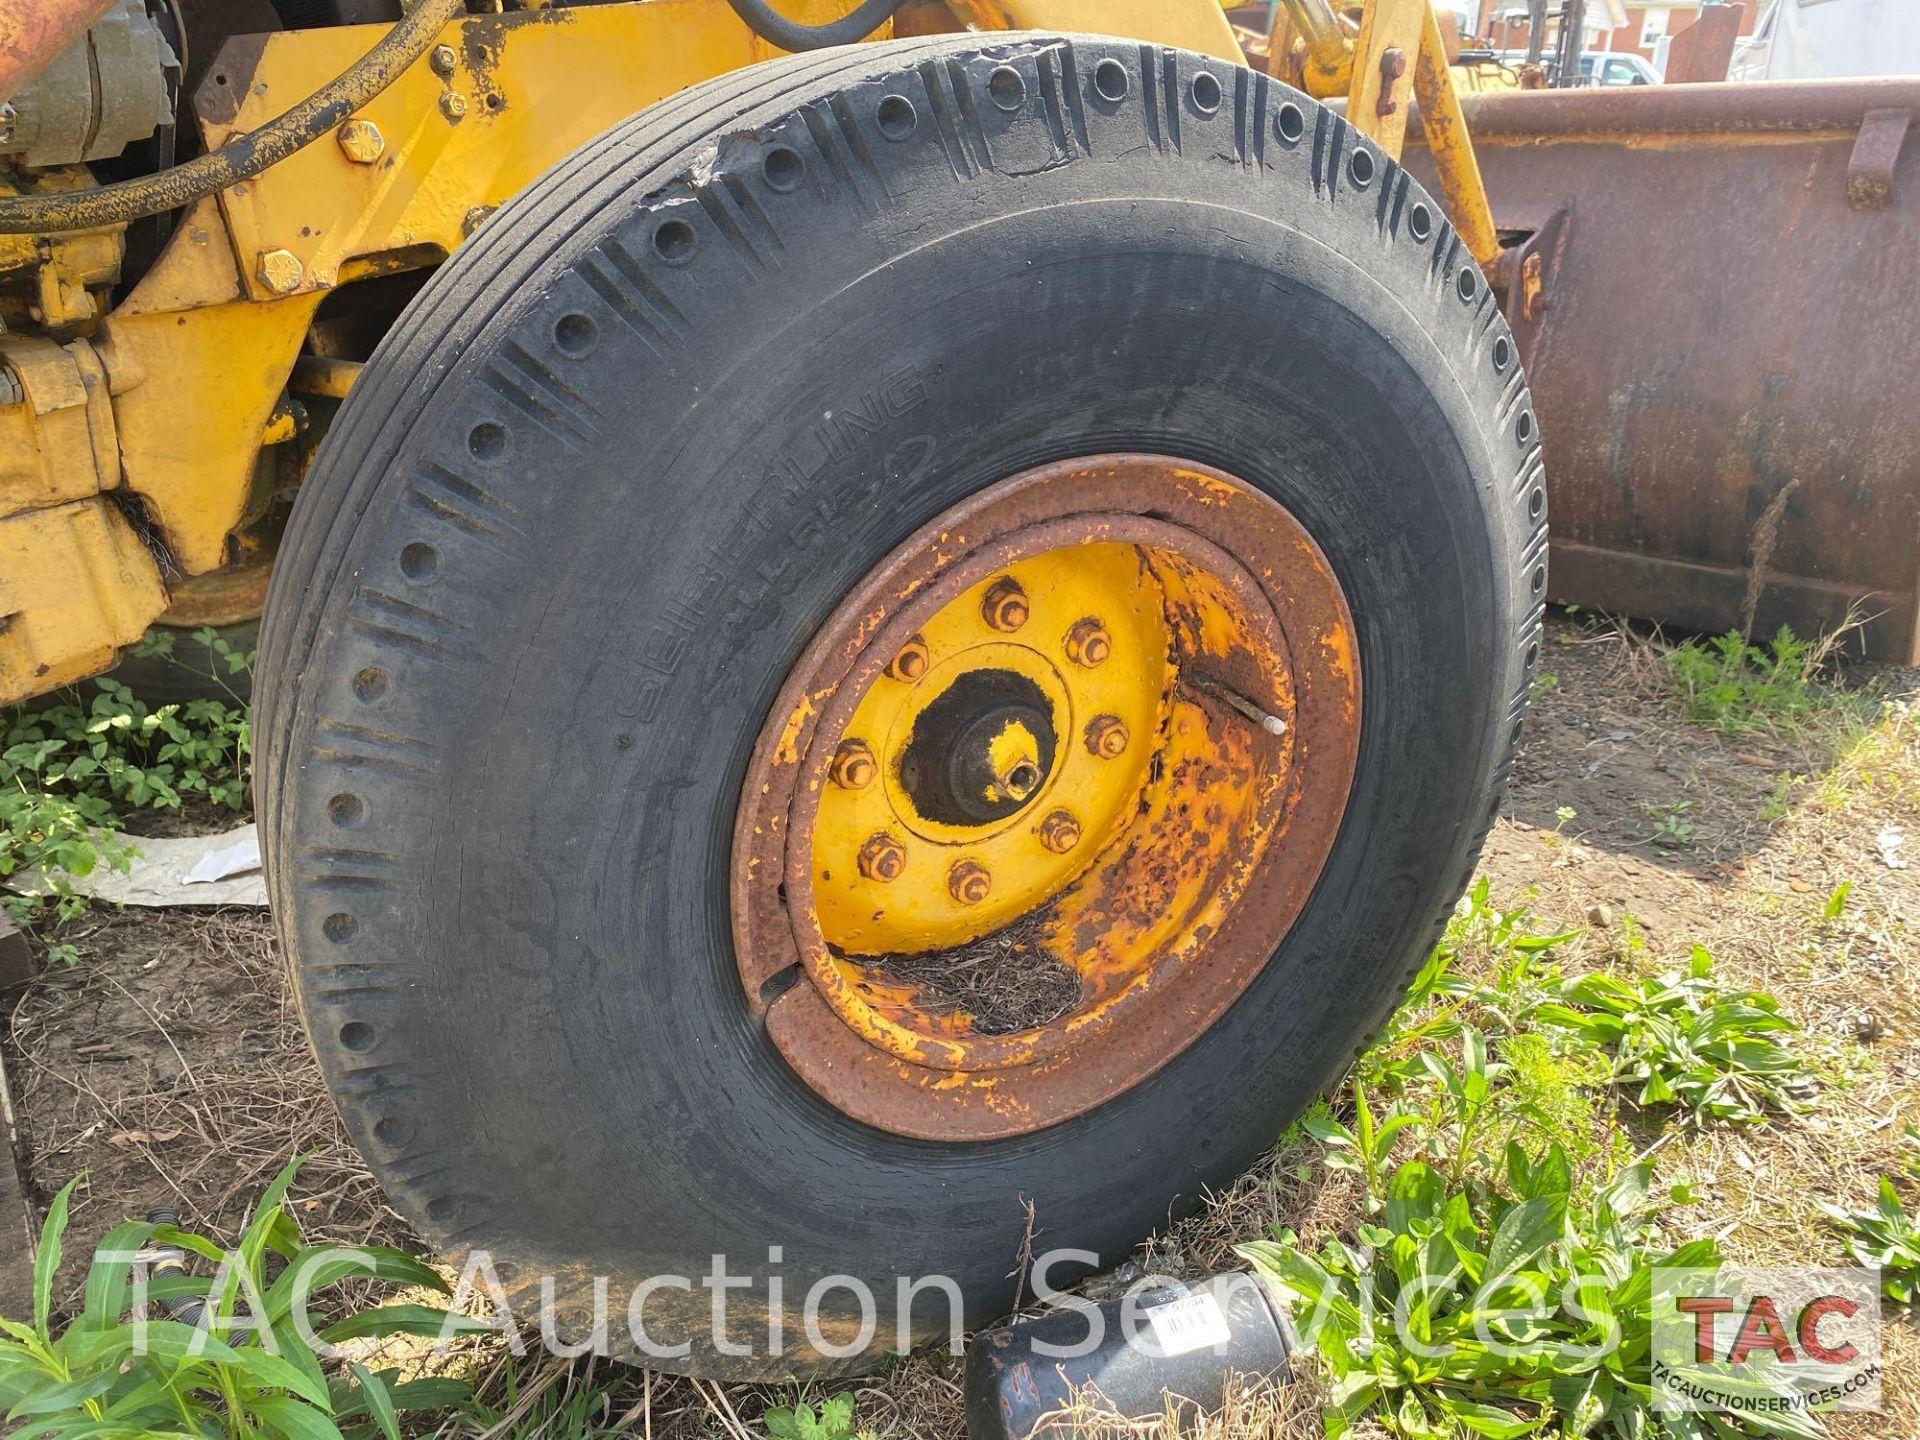 Massey Ferguson 50C Loader Backhoe - Image 45 of 45